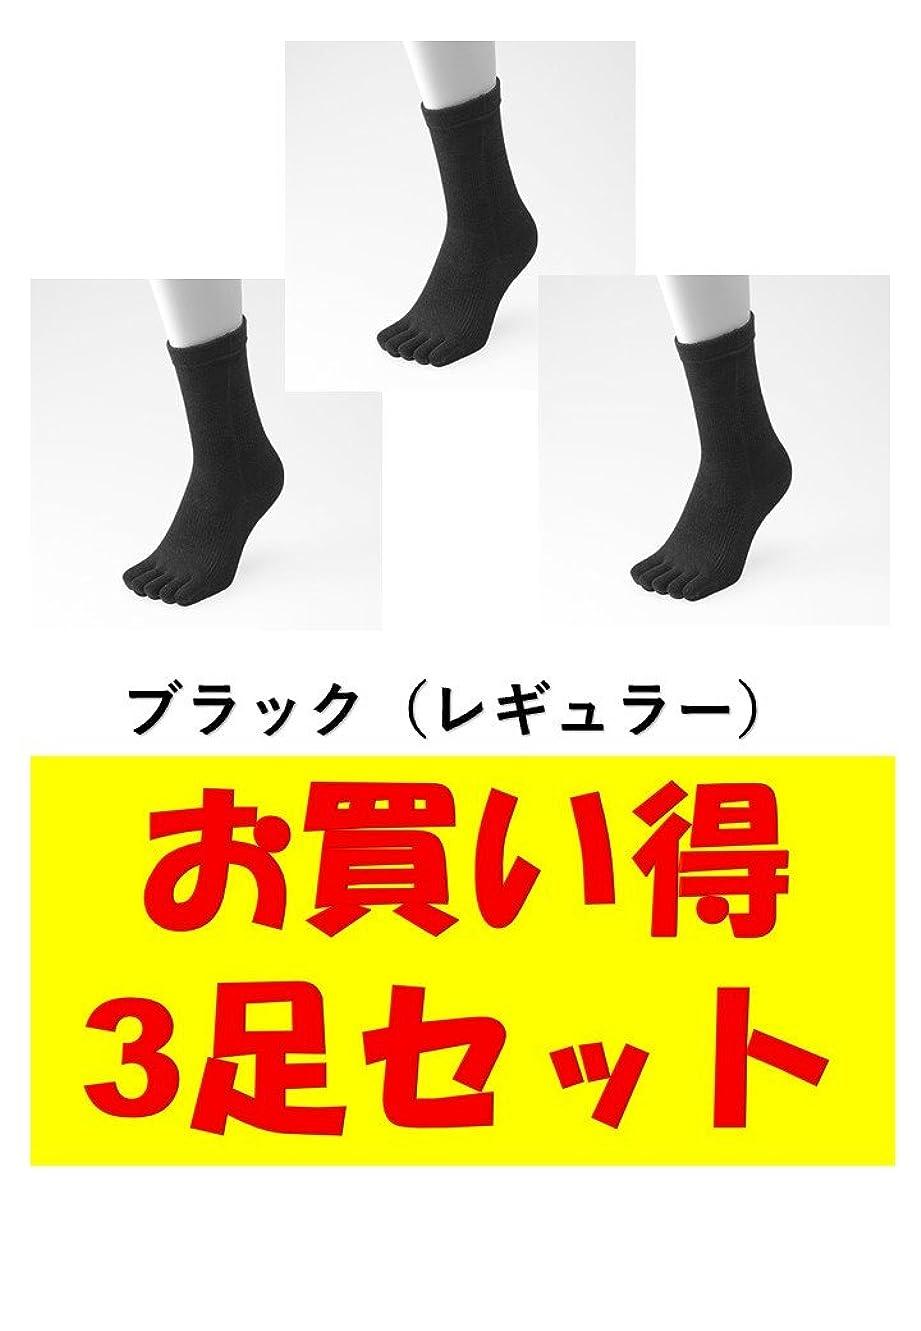 議題ポジション明らかにお買い得3足セット 5本指 ゆびのばソックス ゆびのばレギュラー ブラック 男性用 25.5cm-28.0cm HSREGR-BLK